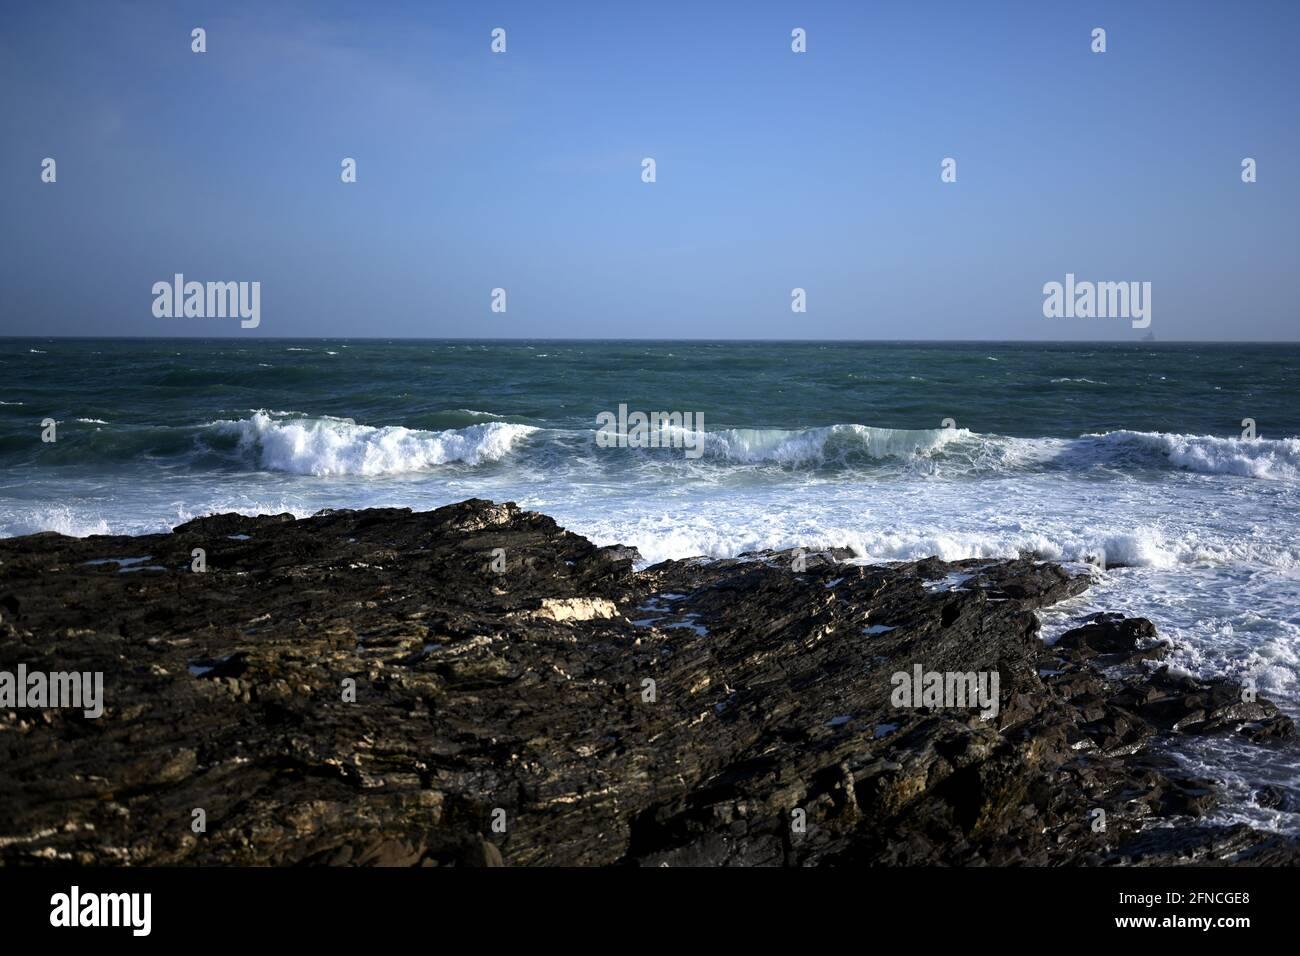 Hermoso paisaje marino con costa rocosa y olas rompiendo sobre las rocas, rocoso y escarpado concepto de costa Foto de stock